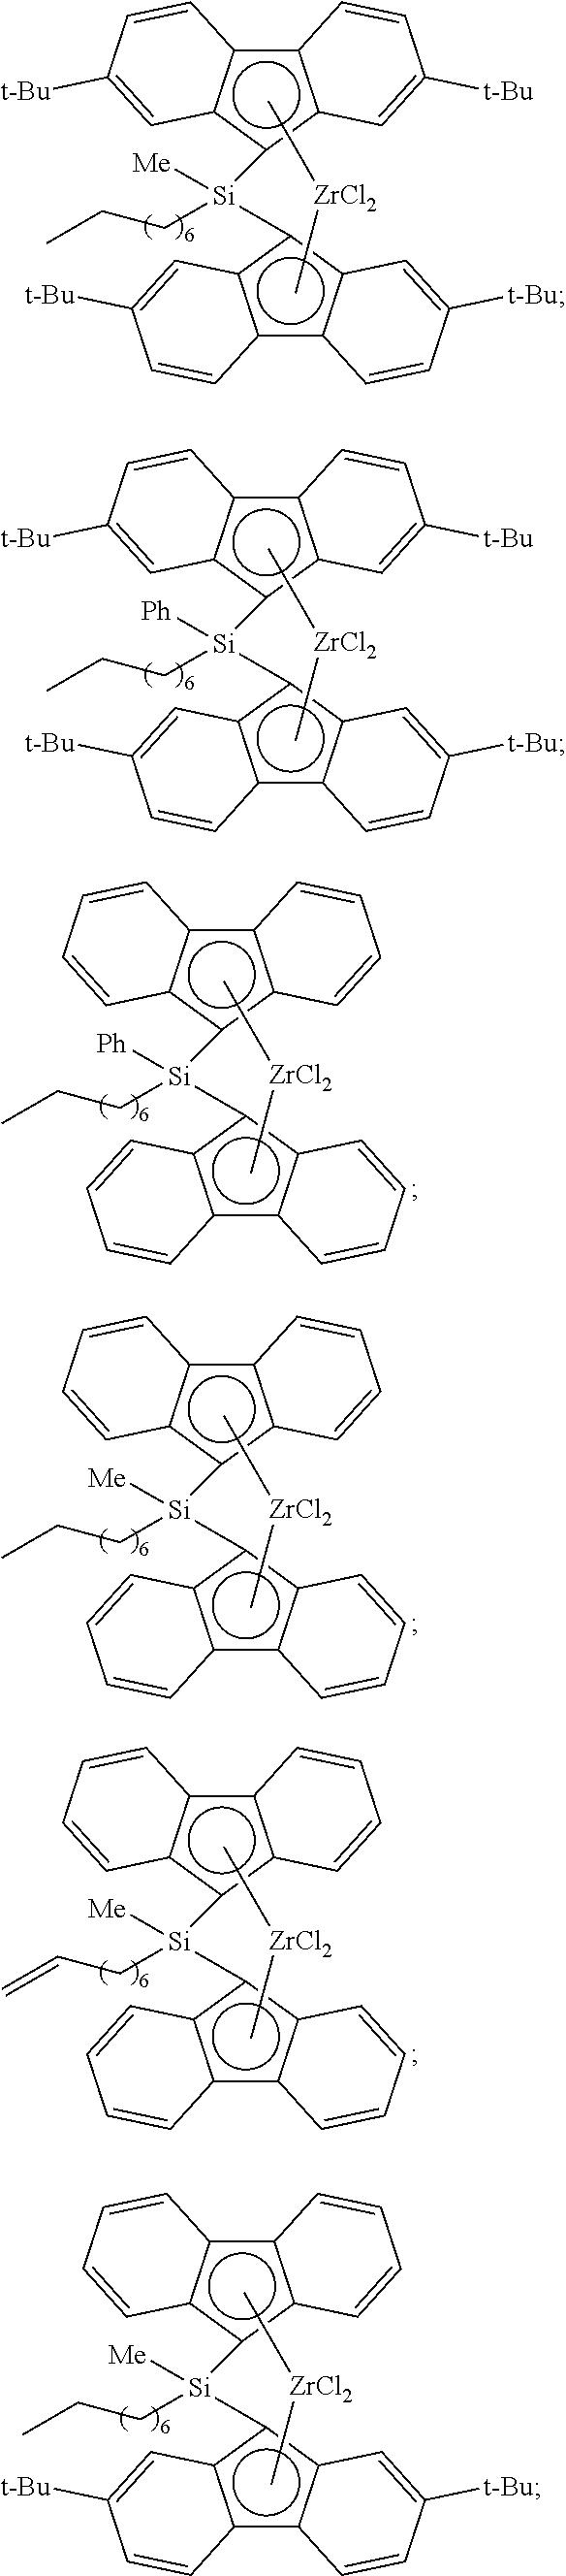 Figure US08609793-20131217-C00028